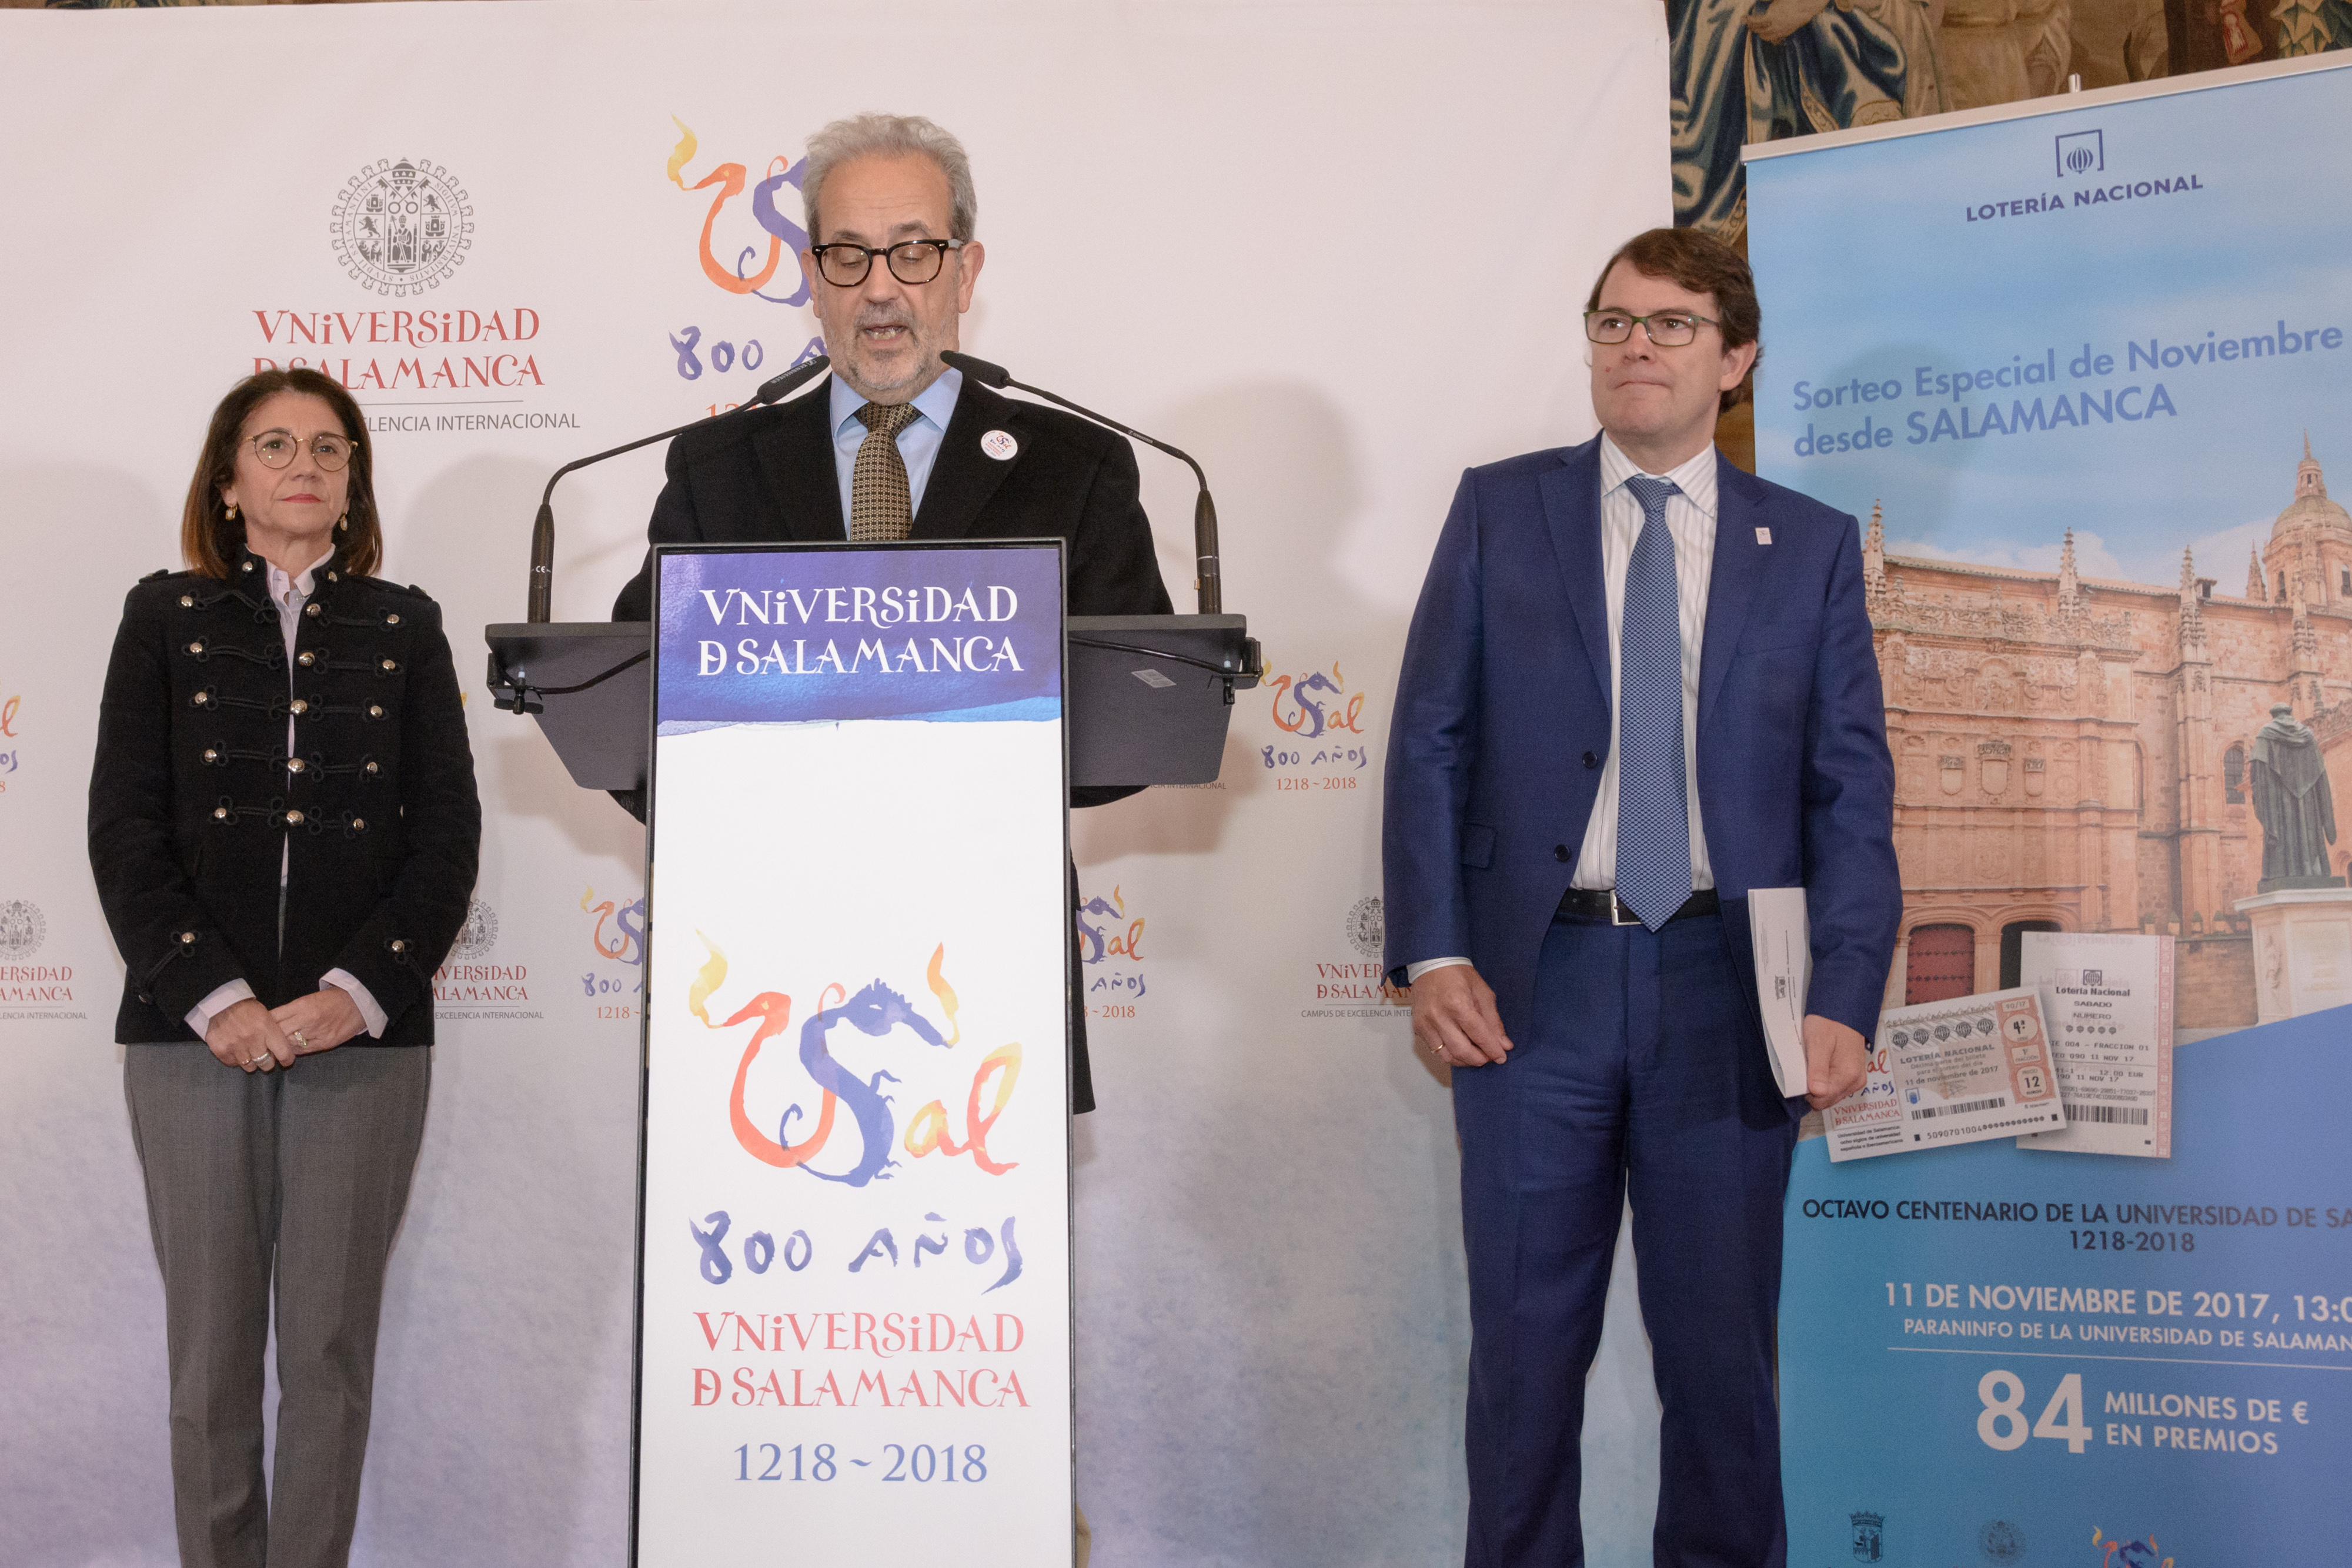 La Universidad de Salamanca acoge el sorteo de la Lotería Nacional con motivo del Octavo Centenario